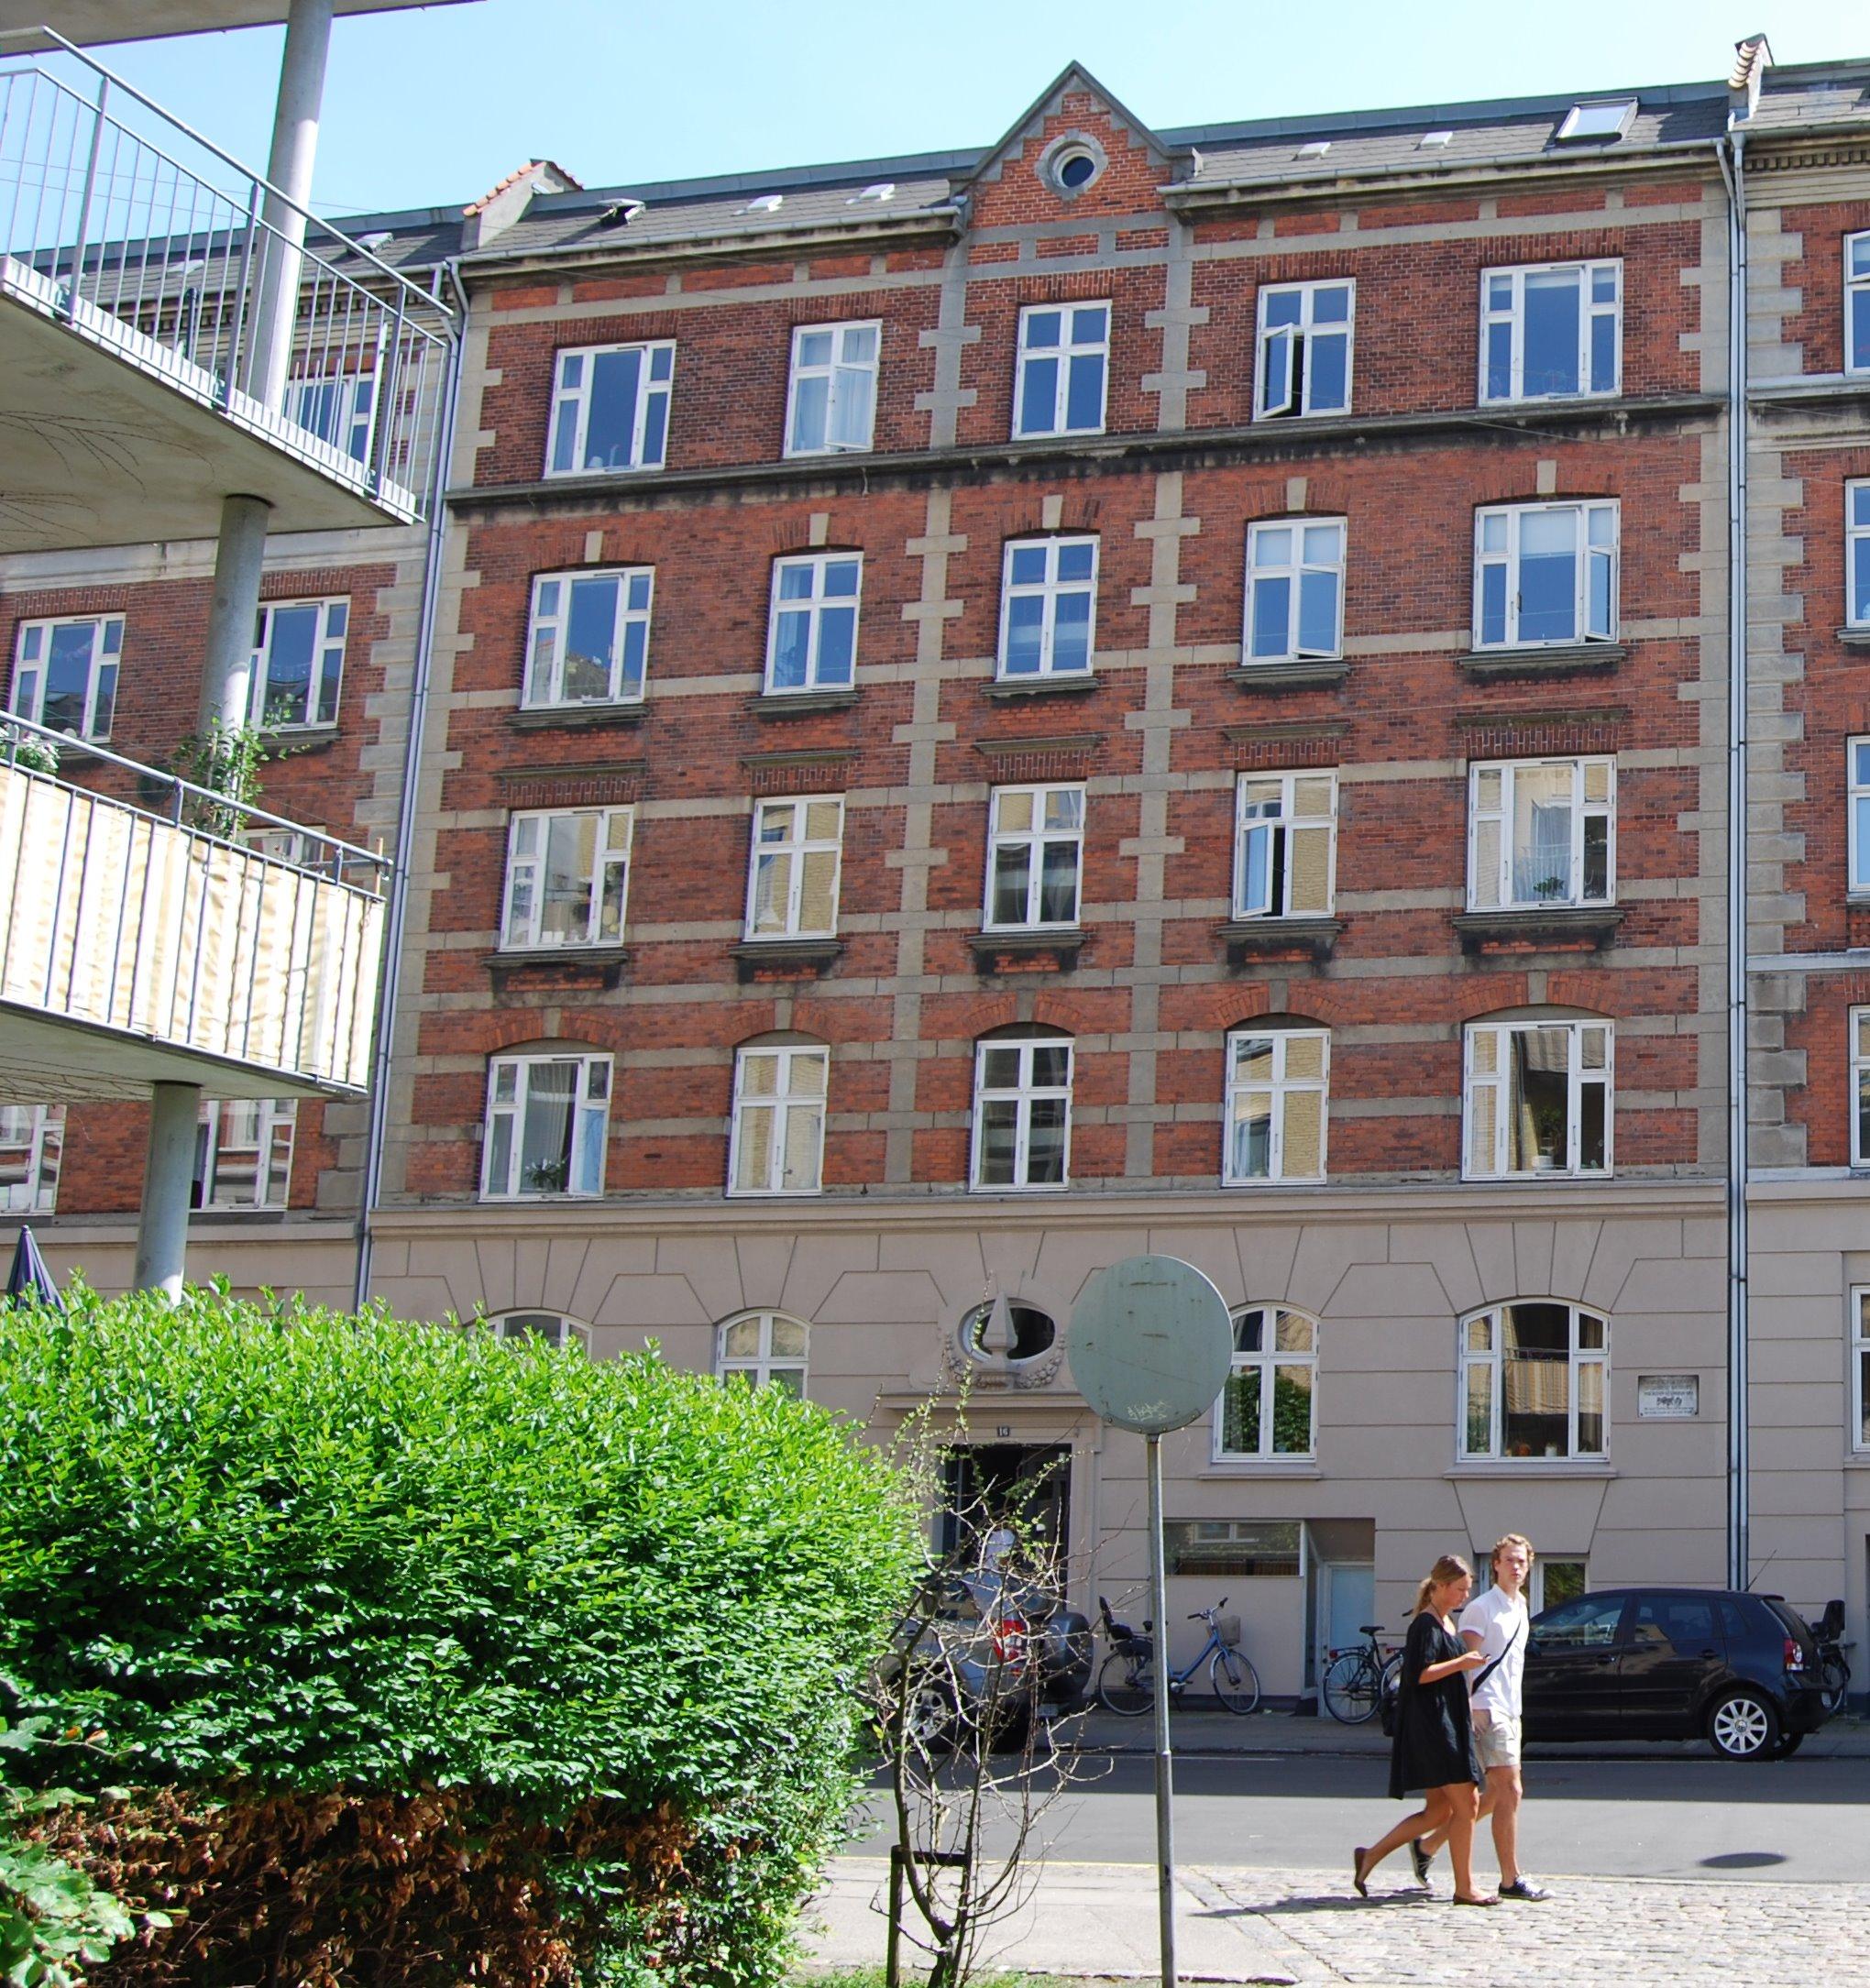 Gammel Kalkbrænderi Vej 16 i København | H.C. Andersen Information